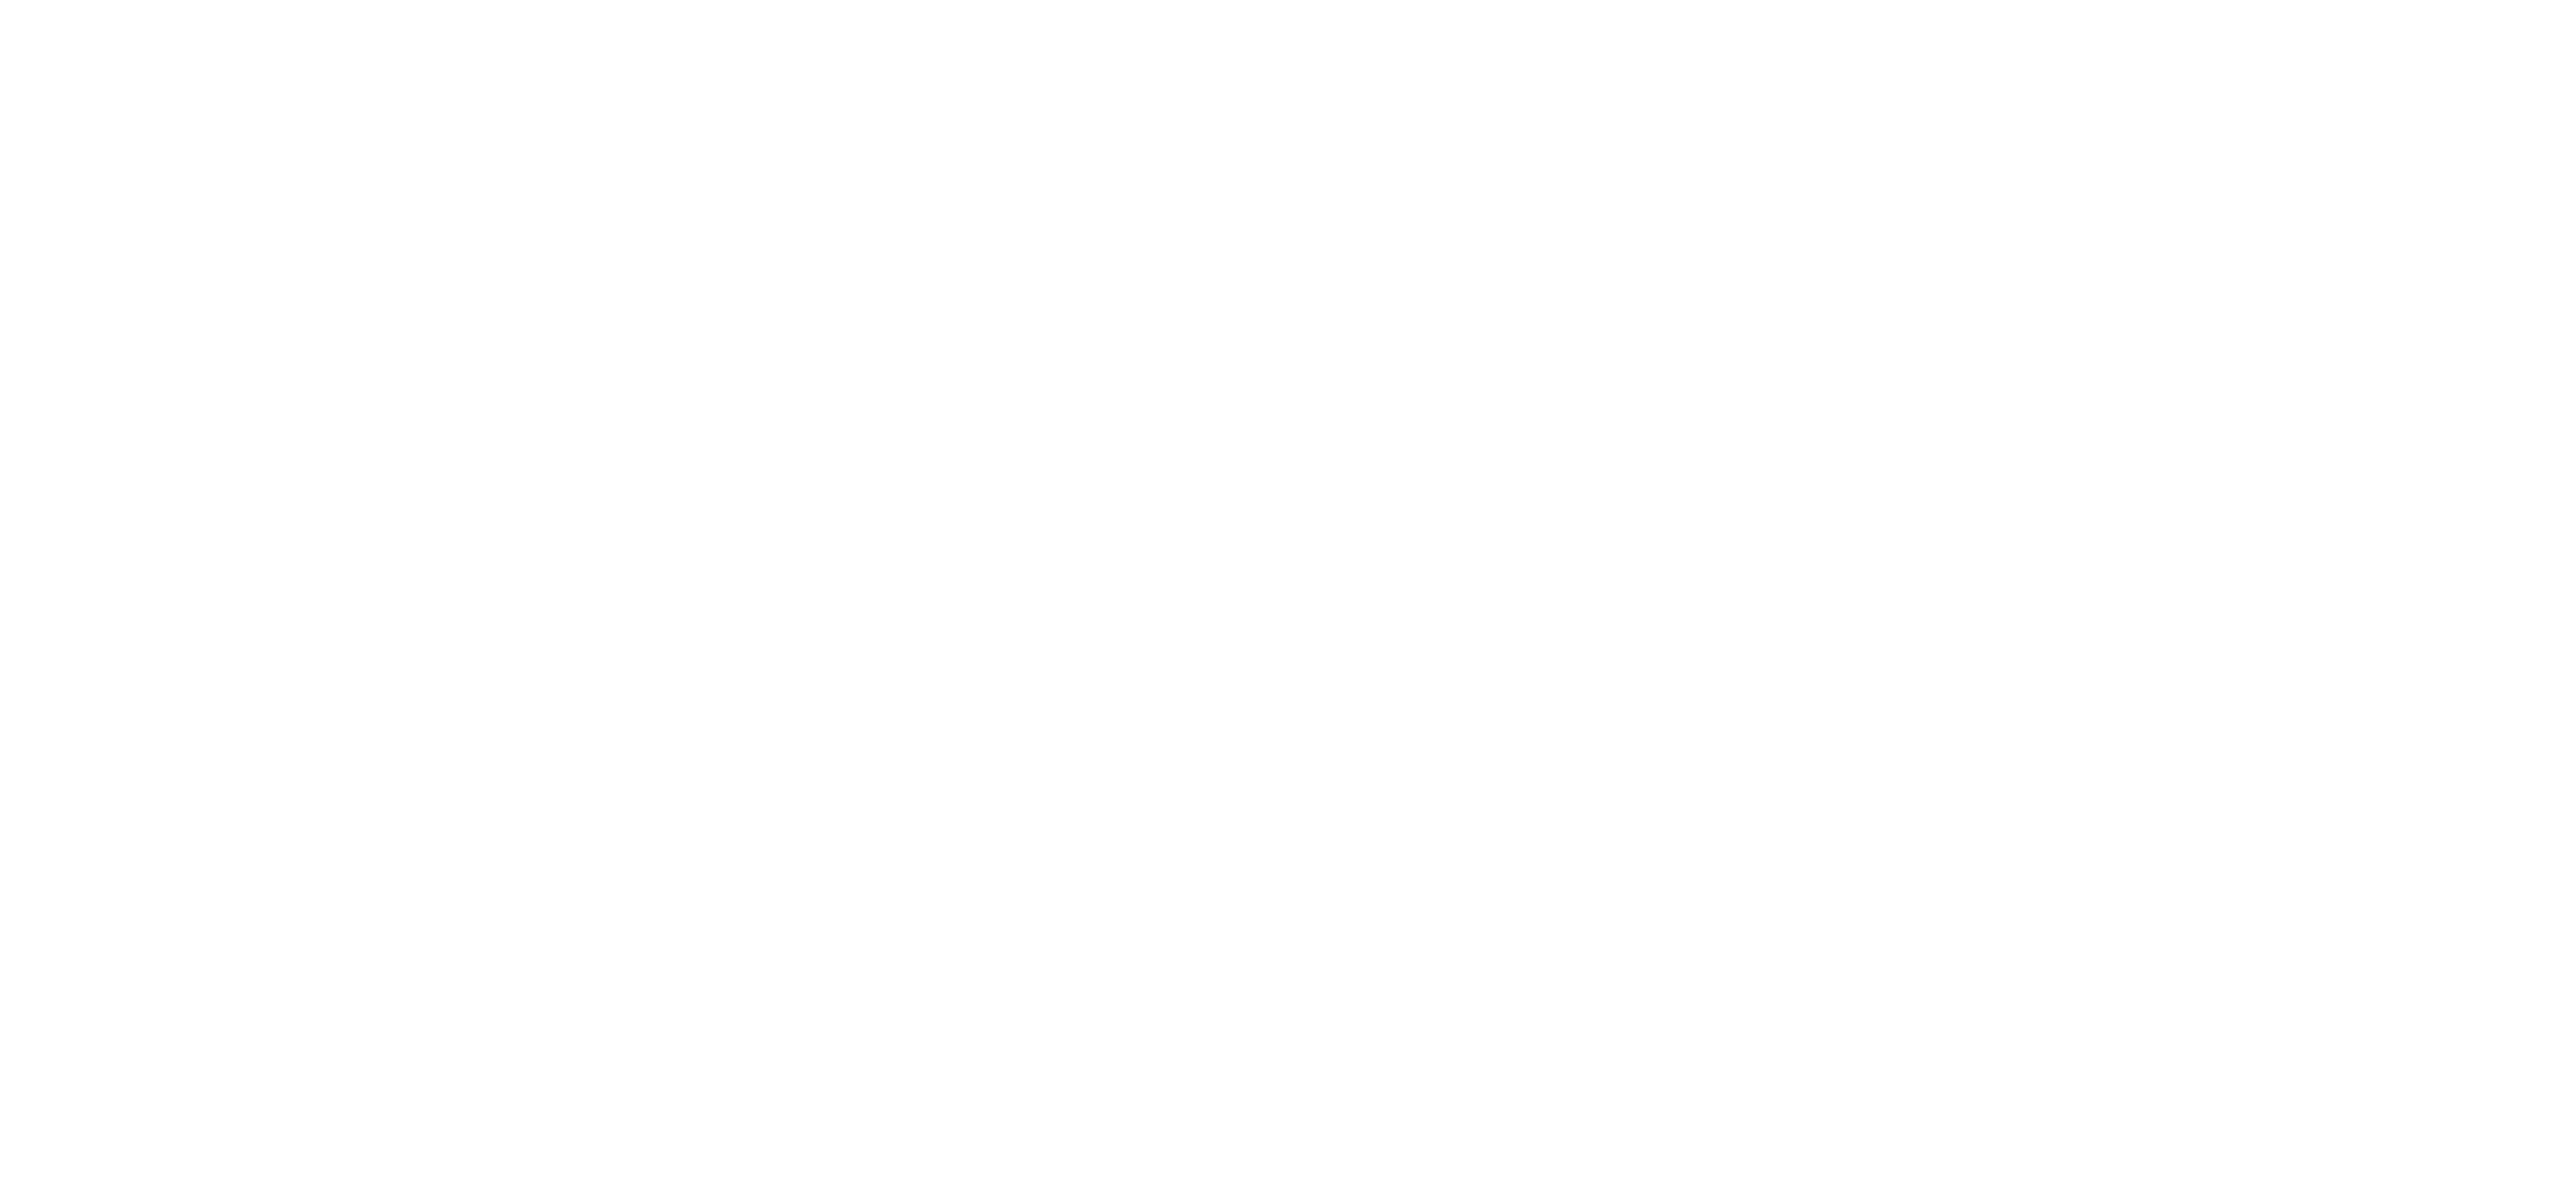 Data Community Fund